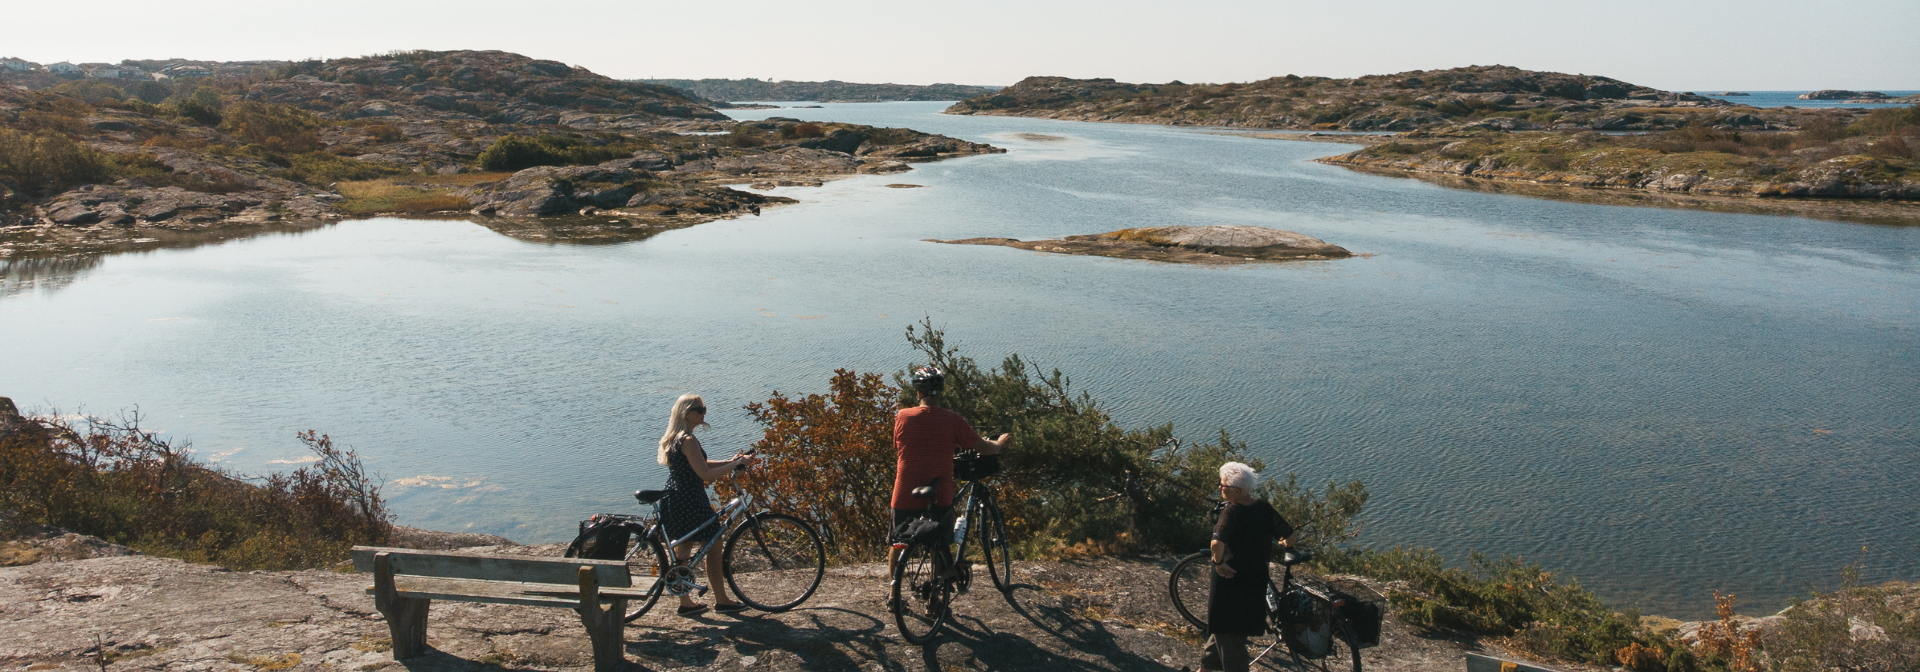 Cykelsemester Öckeröarna Bohuslän Västkusten2